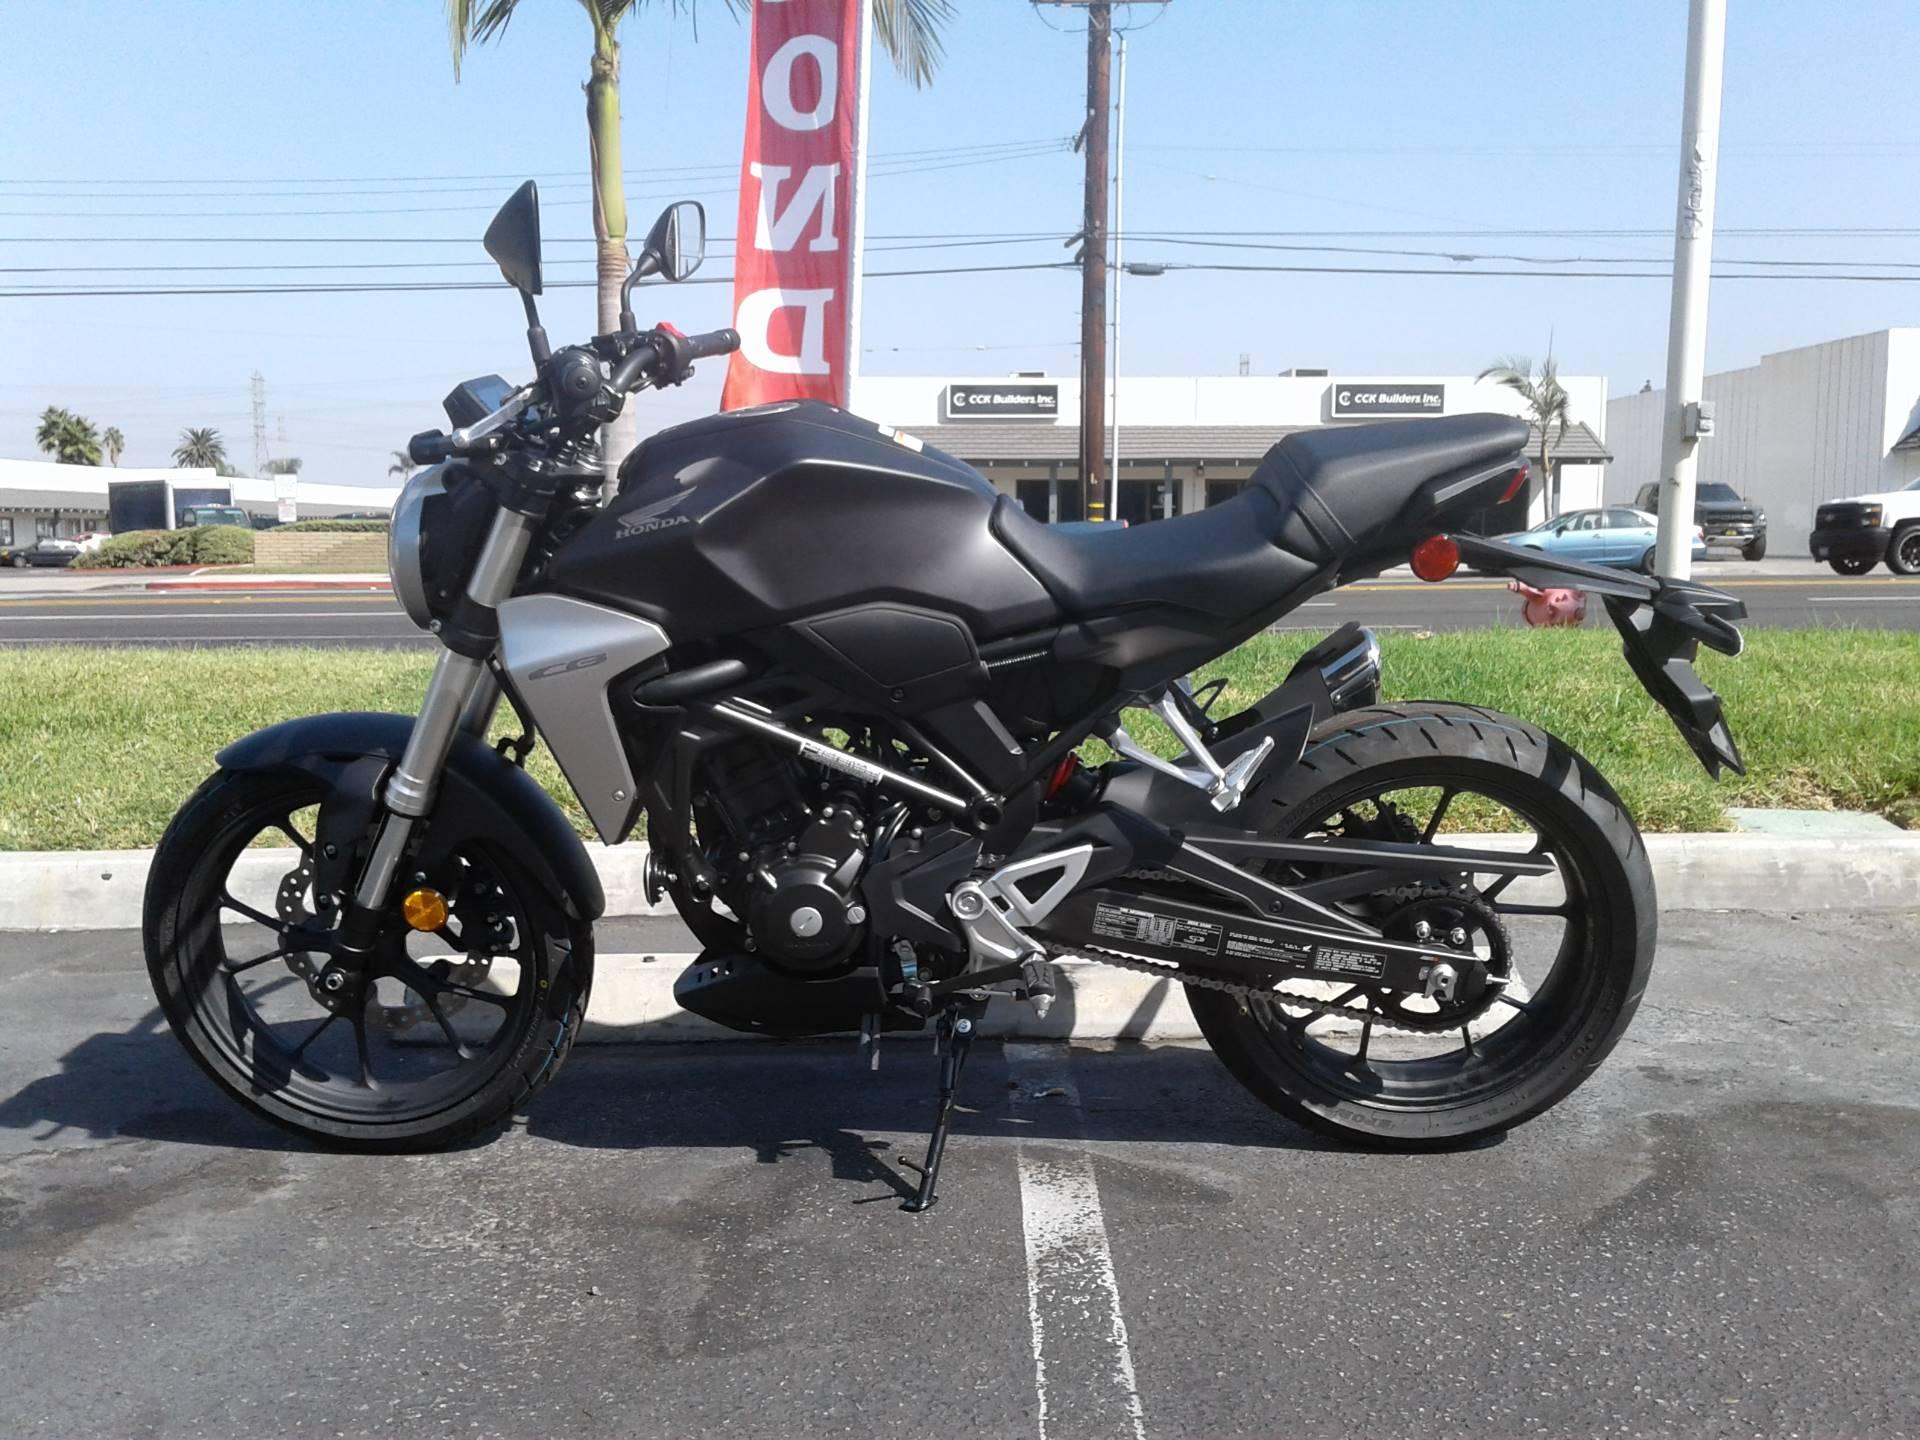 2019 Honda CB300R for sale 14860